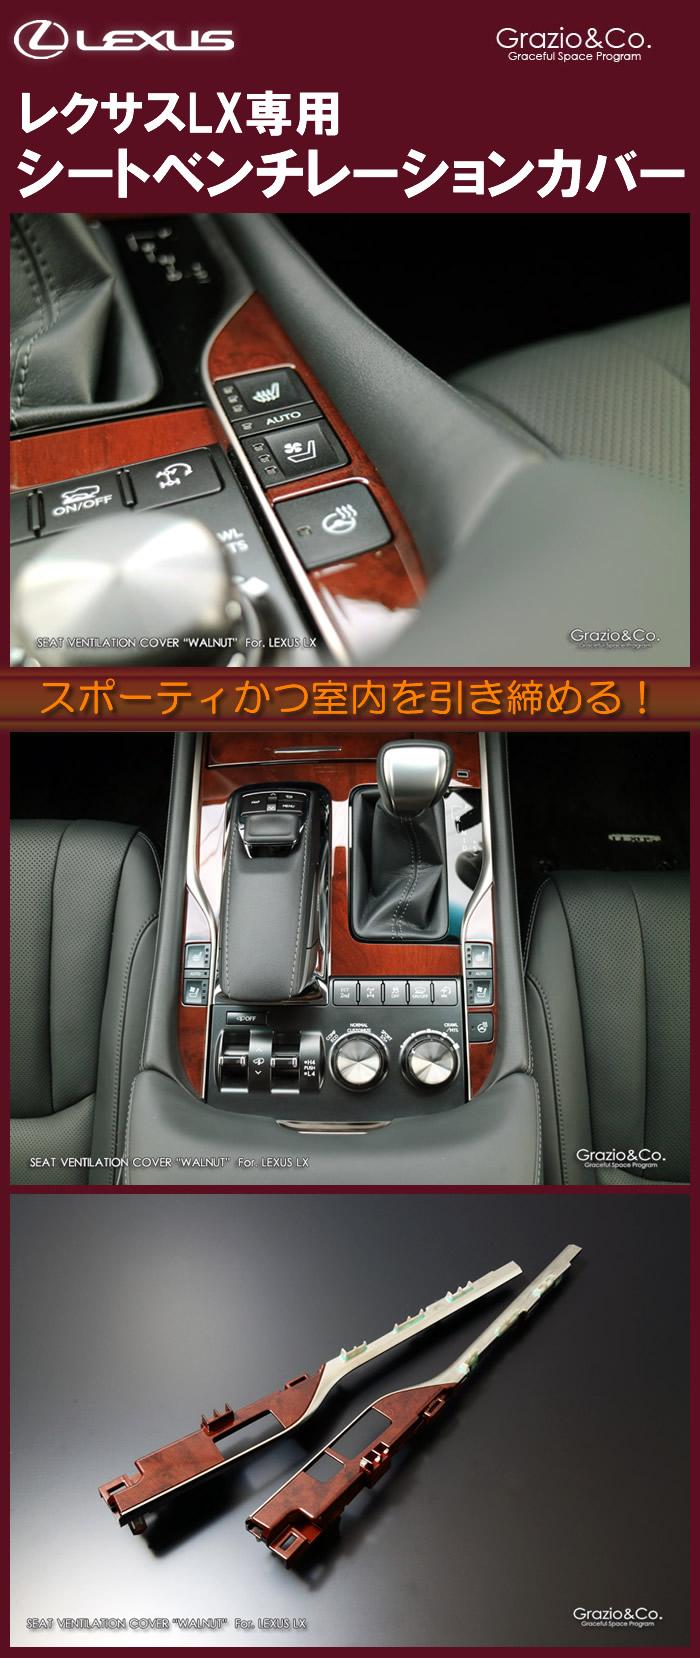 レクサス LX専用 シートベンチレーションカバー